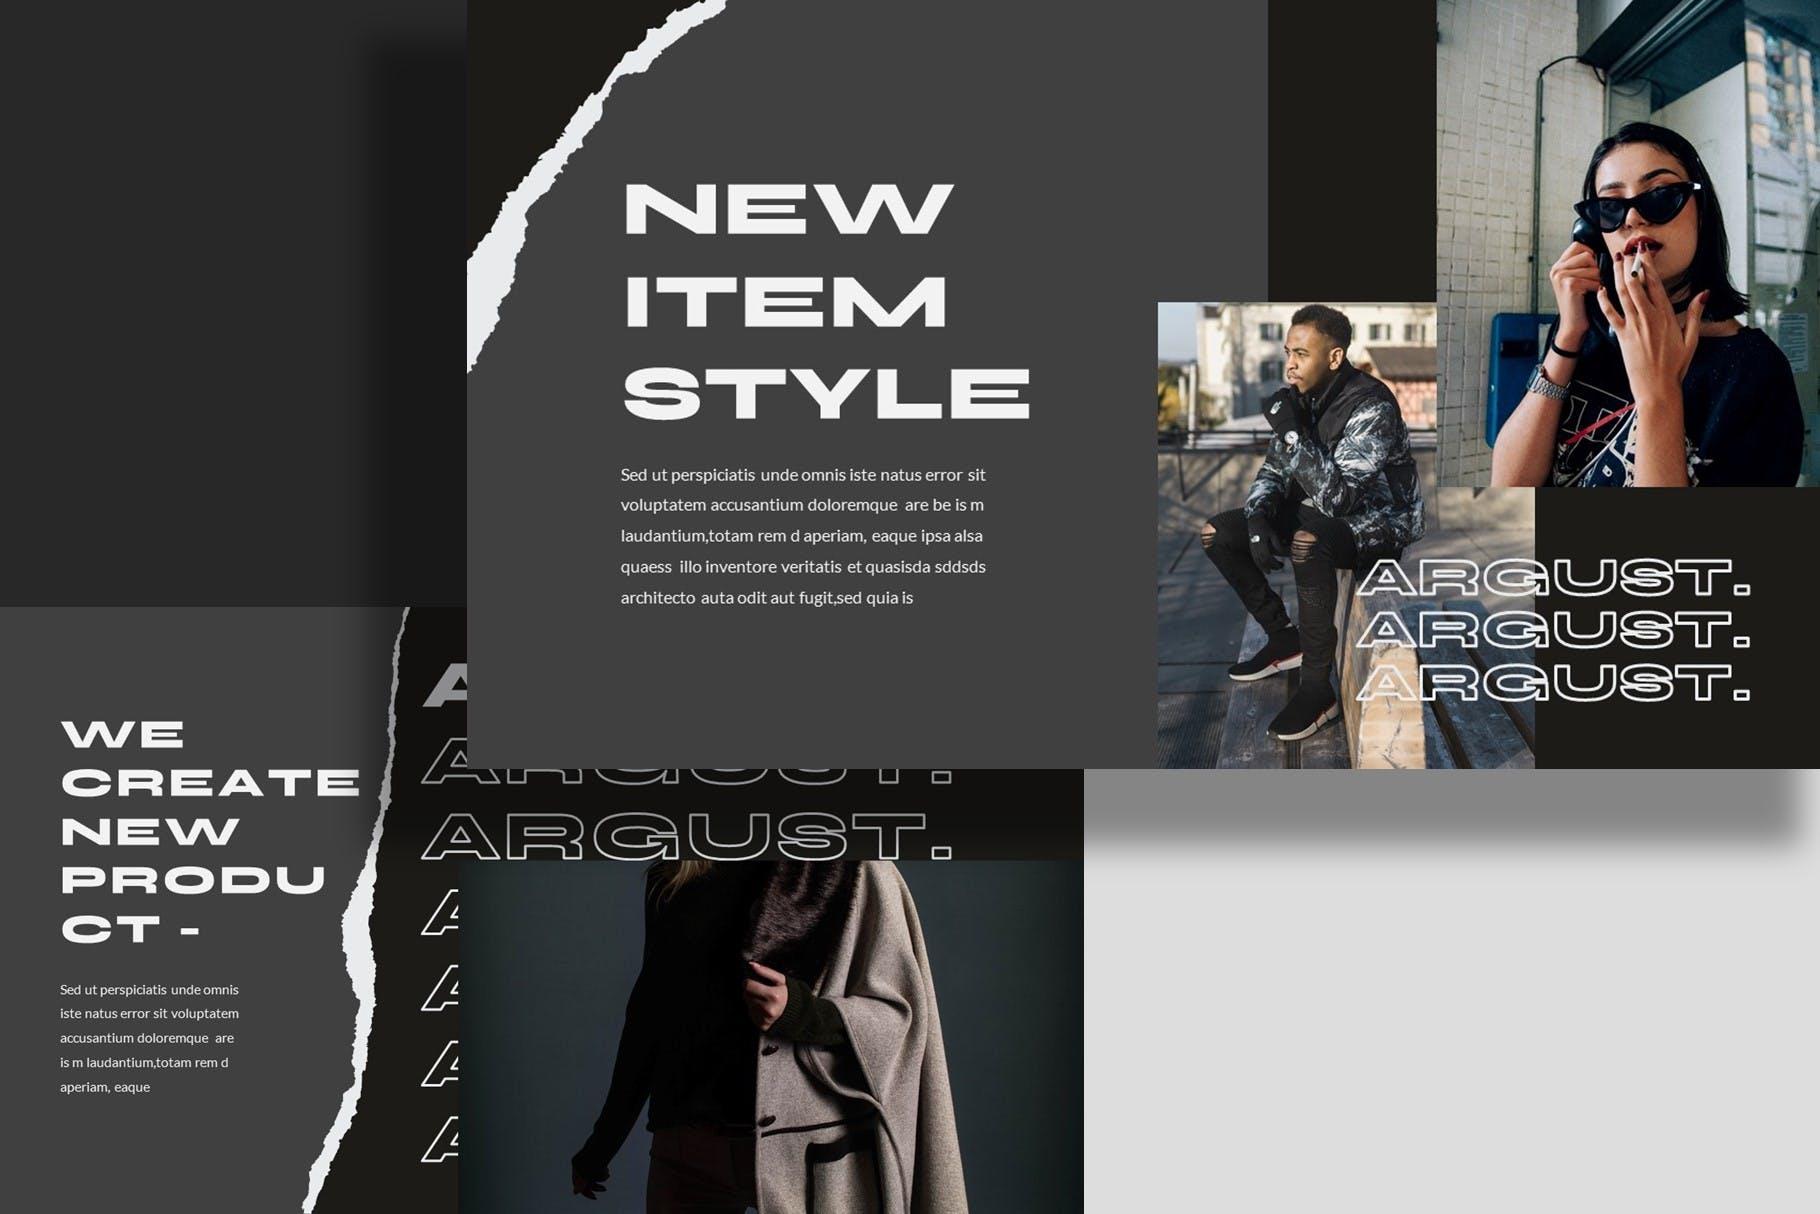 潮流撕纸效果品牌策划提案简报演示文稿设计模板 Argust Powerpoint Template插图8